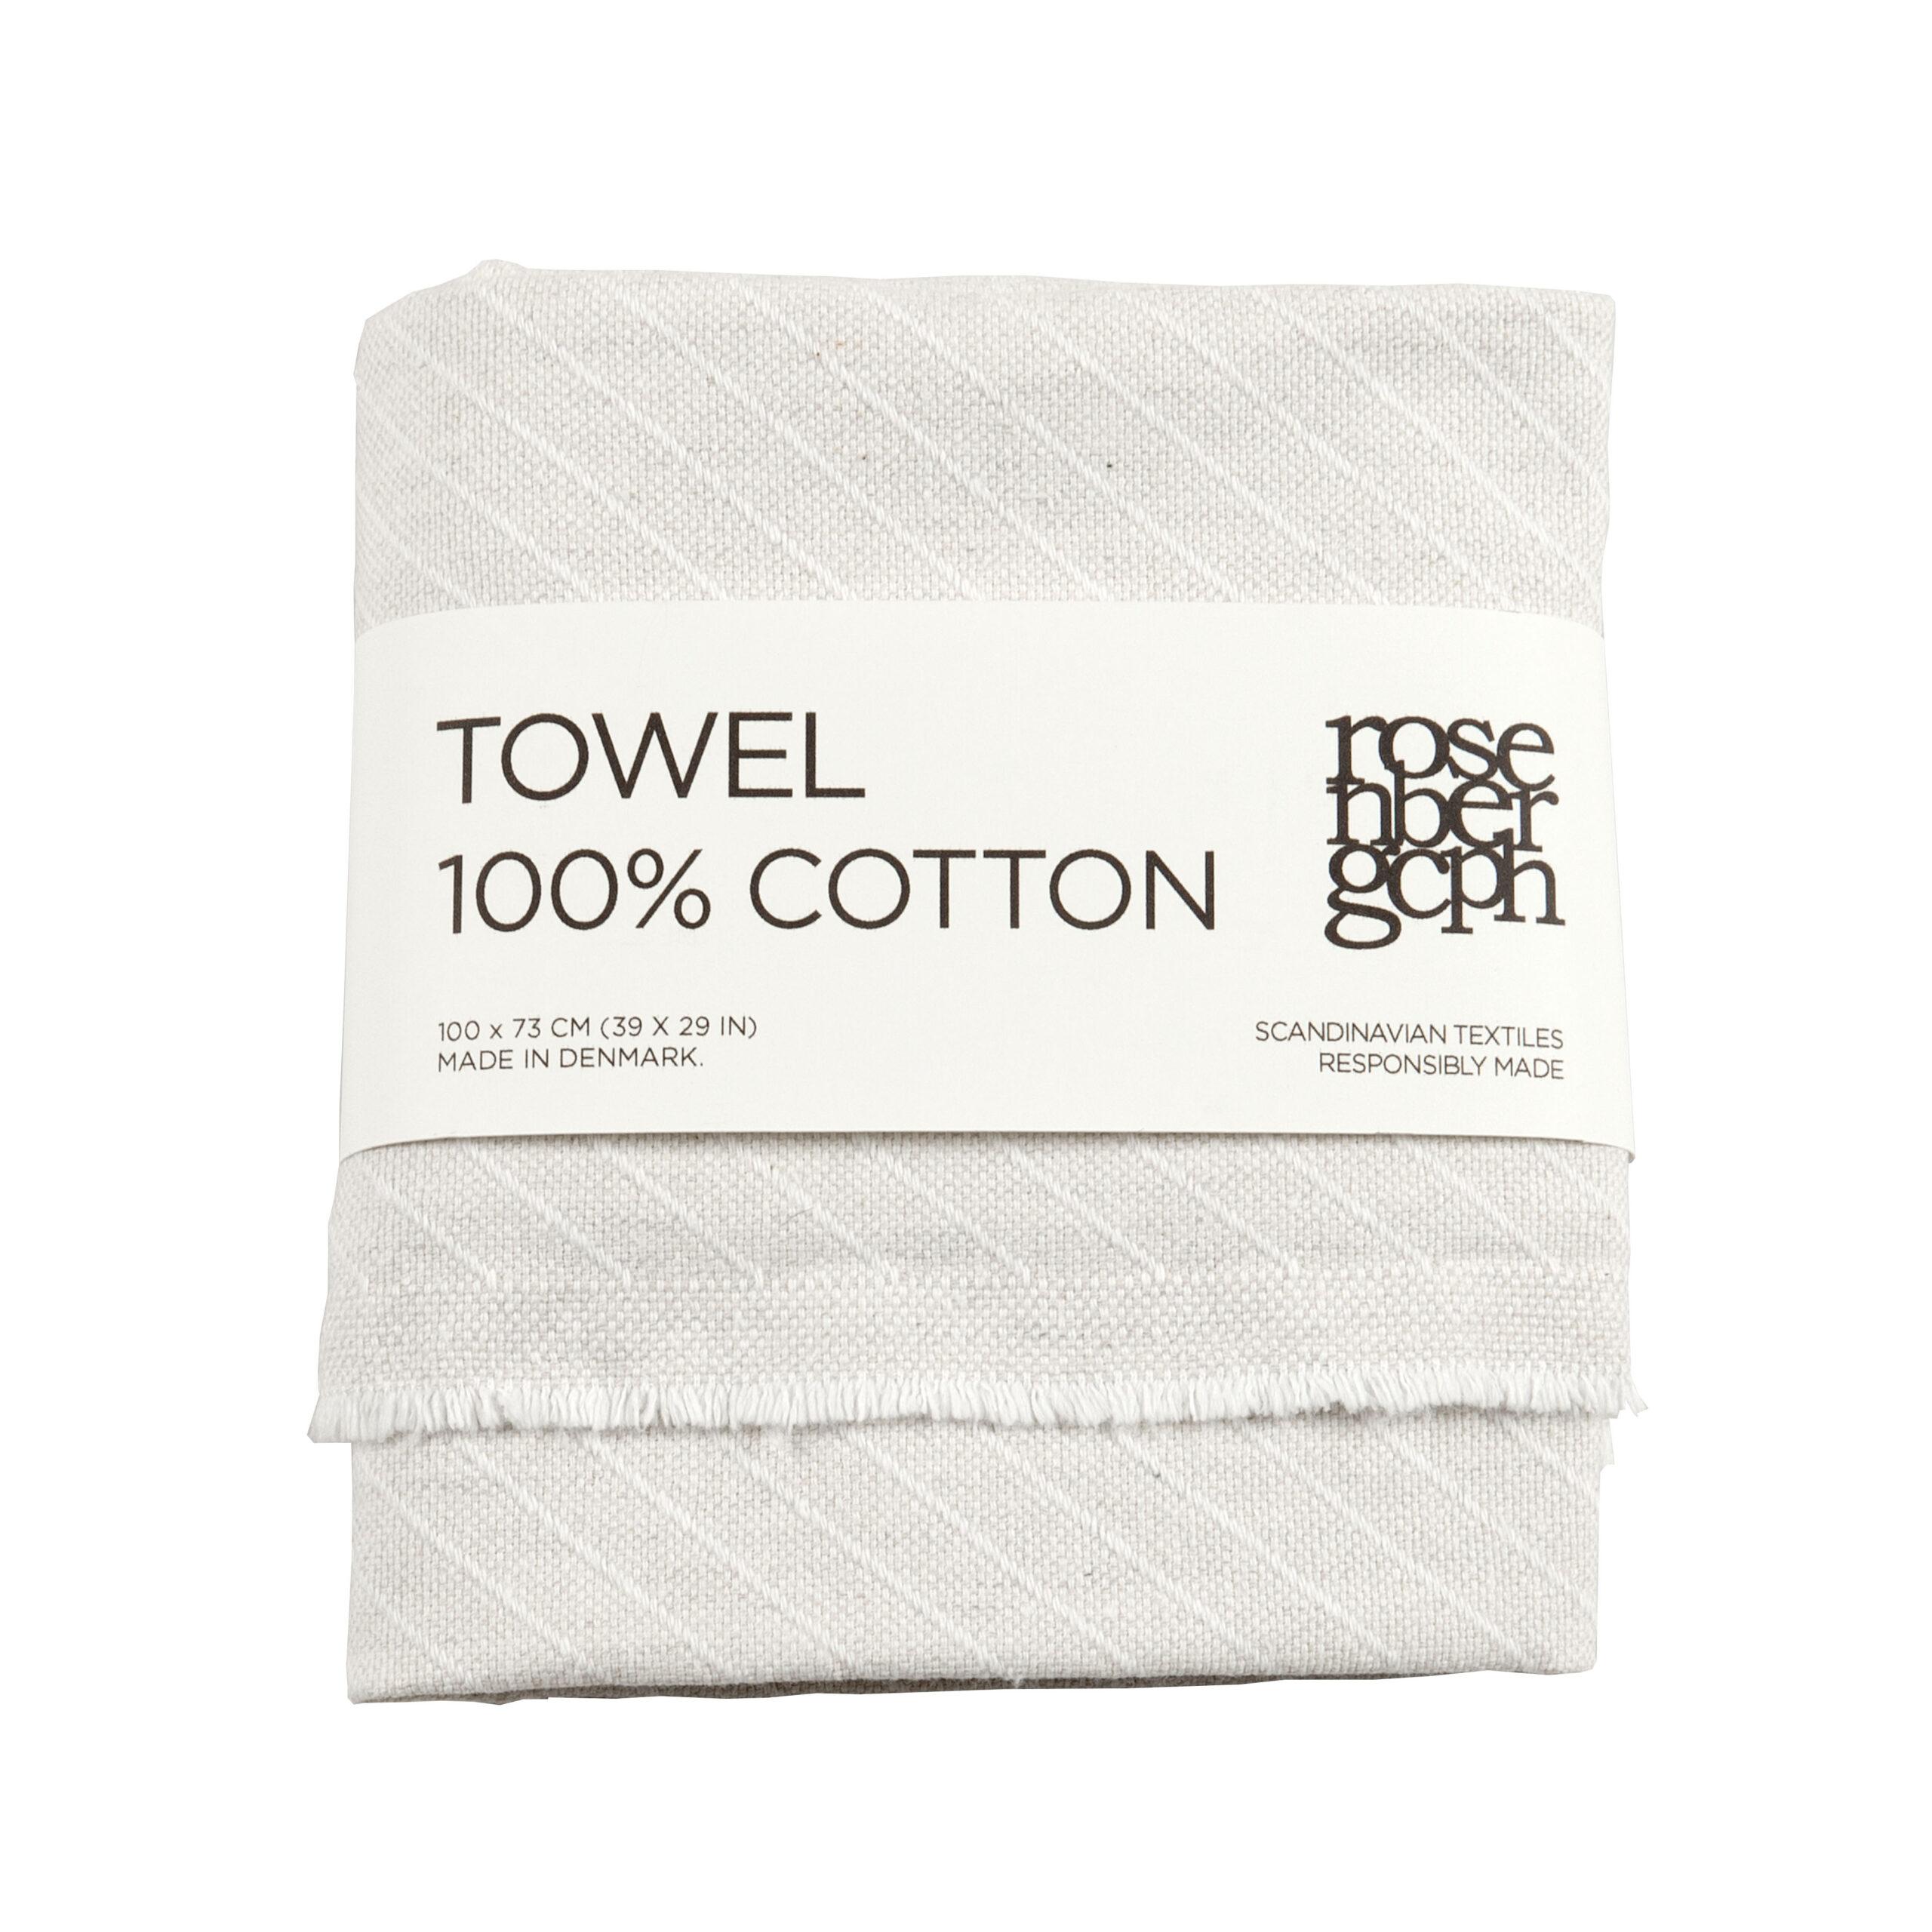 Towel, Stripes, 100% cotton, by RosenbergCph